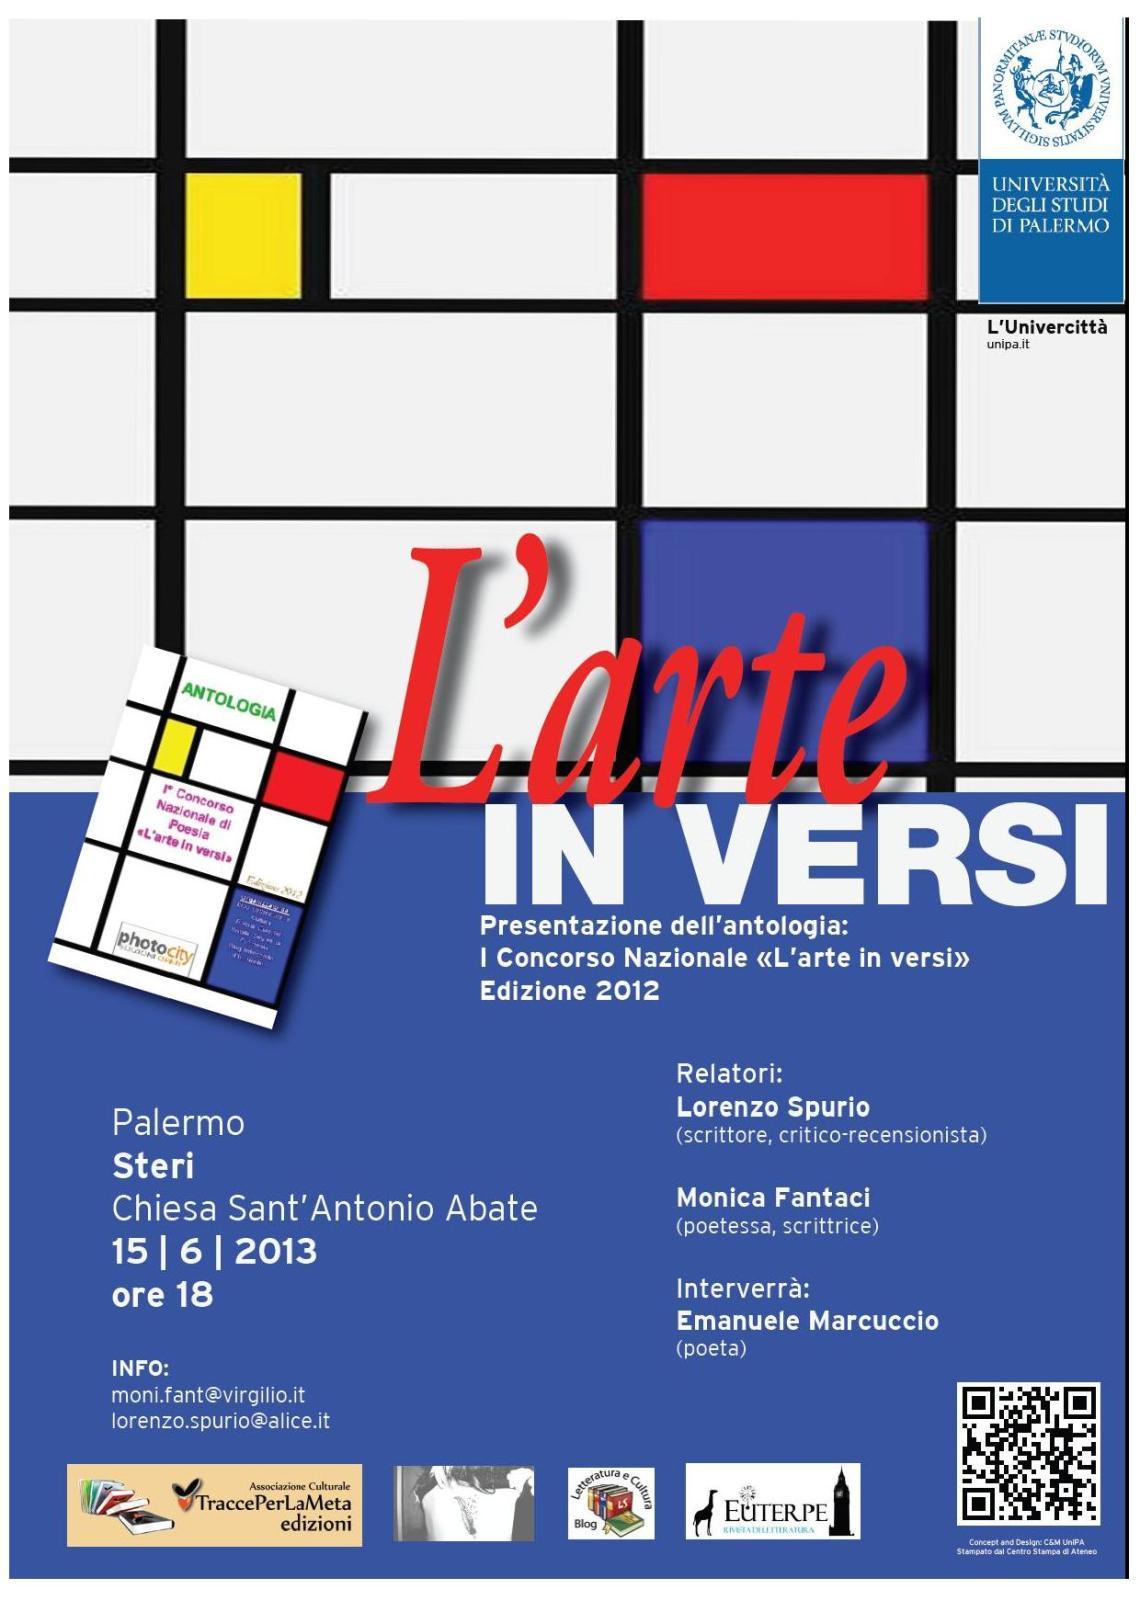 locandina-palermo-arte in versi-page-001